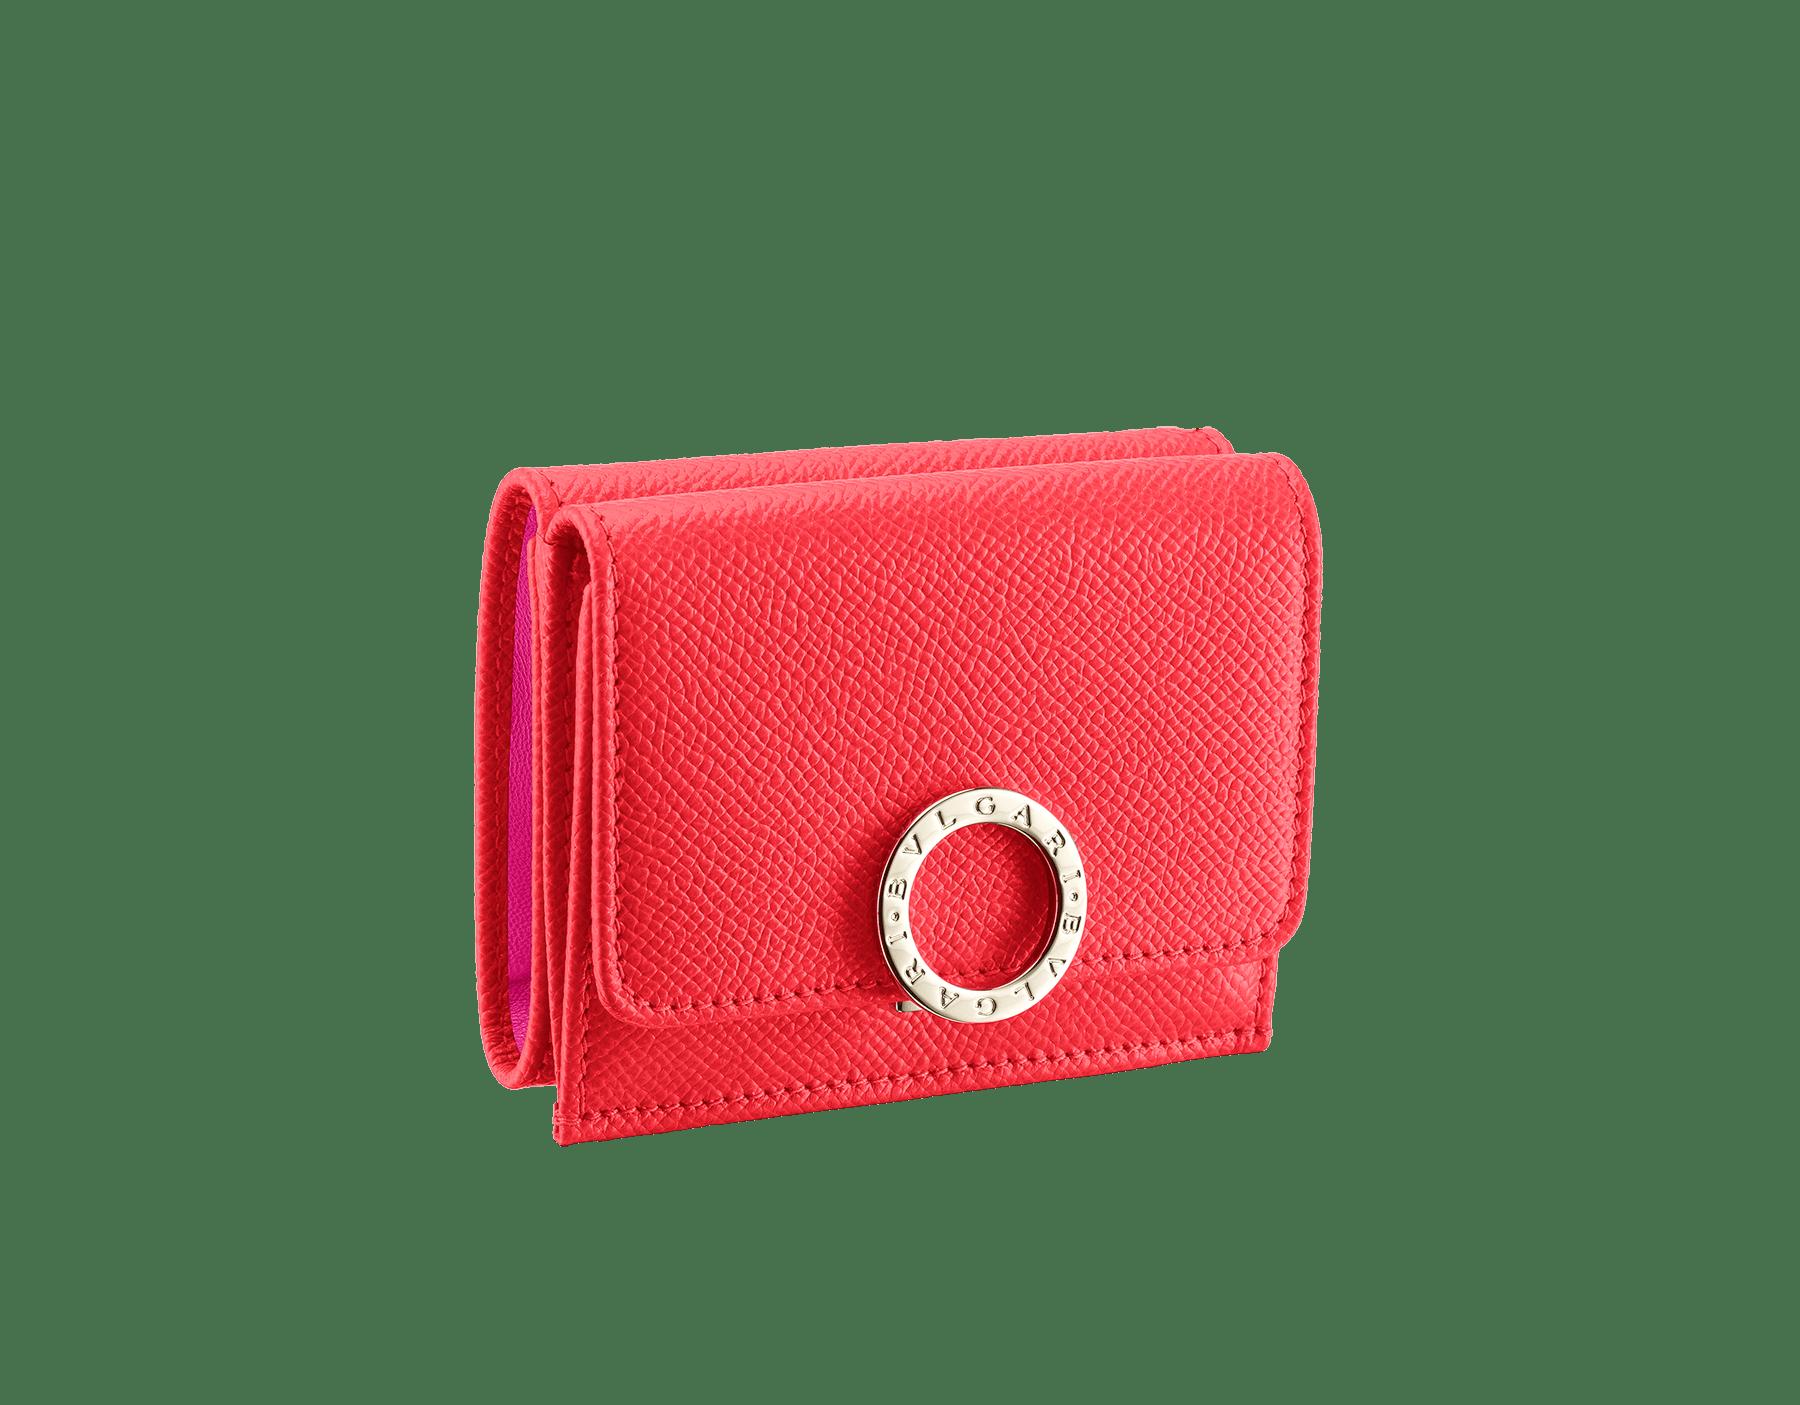 BVLGARI BVLGARI 超級小巧皮夾採用亮珠面海星珊瑚色小牛皮和粉紅尖晶石色 Nappa 軟面皮。經典品牌標誌淡金色黃銅扣環。 288651 image 1